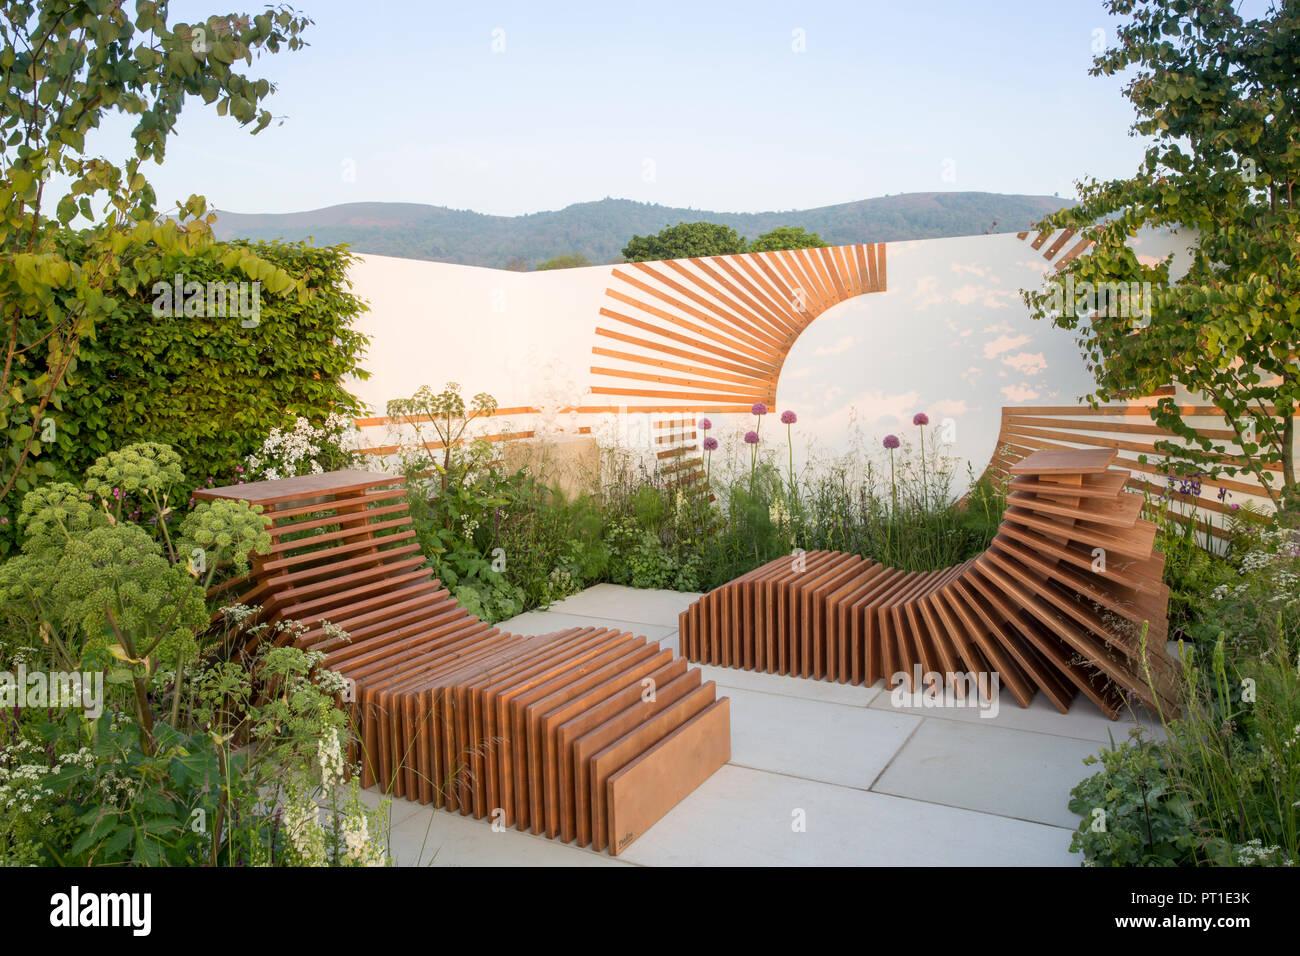 Mit Holz Garten 40 Einzigartig Terrassengestaltung Mit Holz Mucsat Org